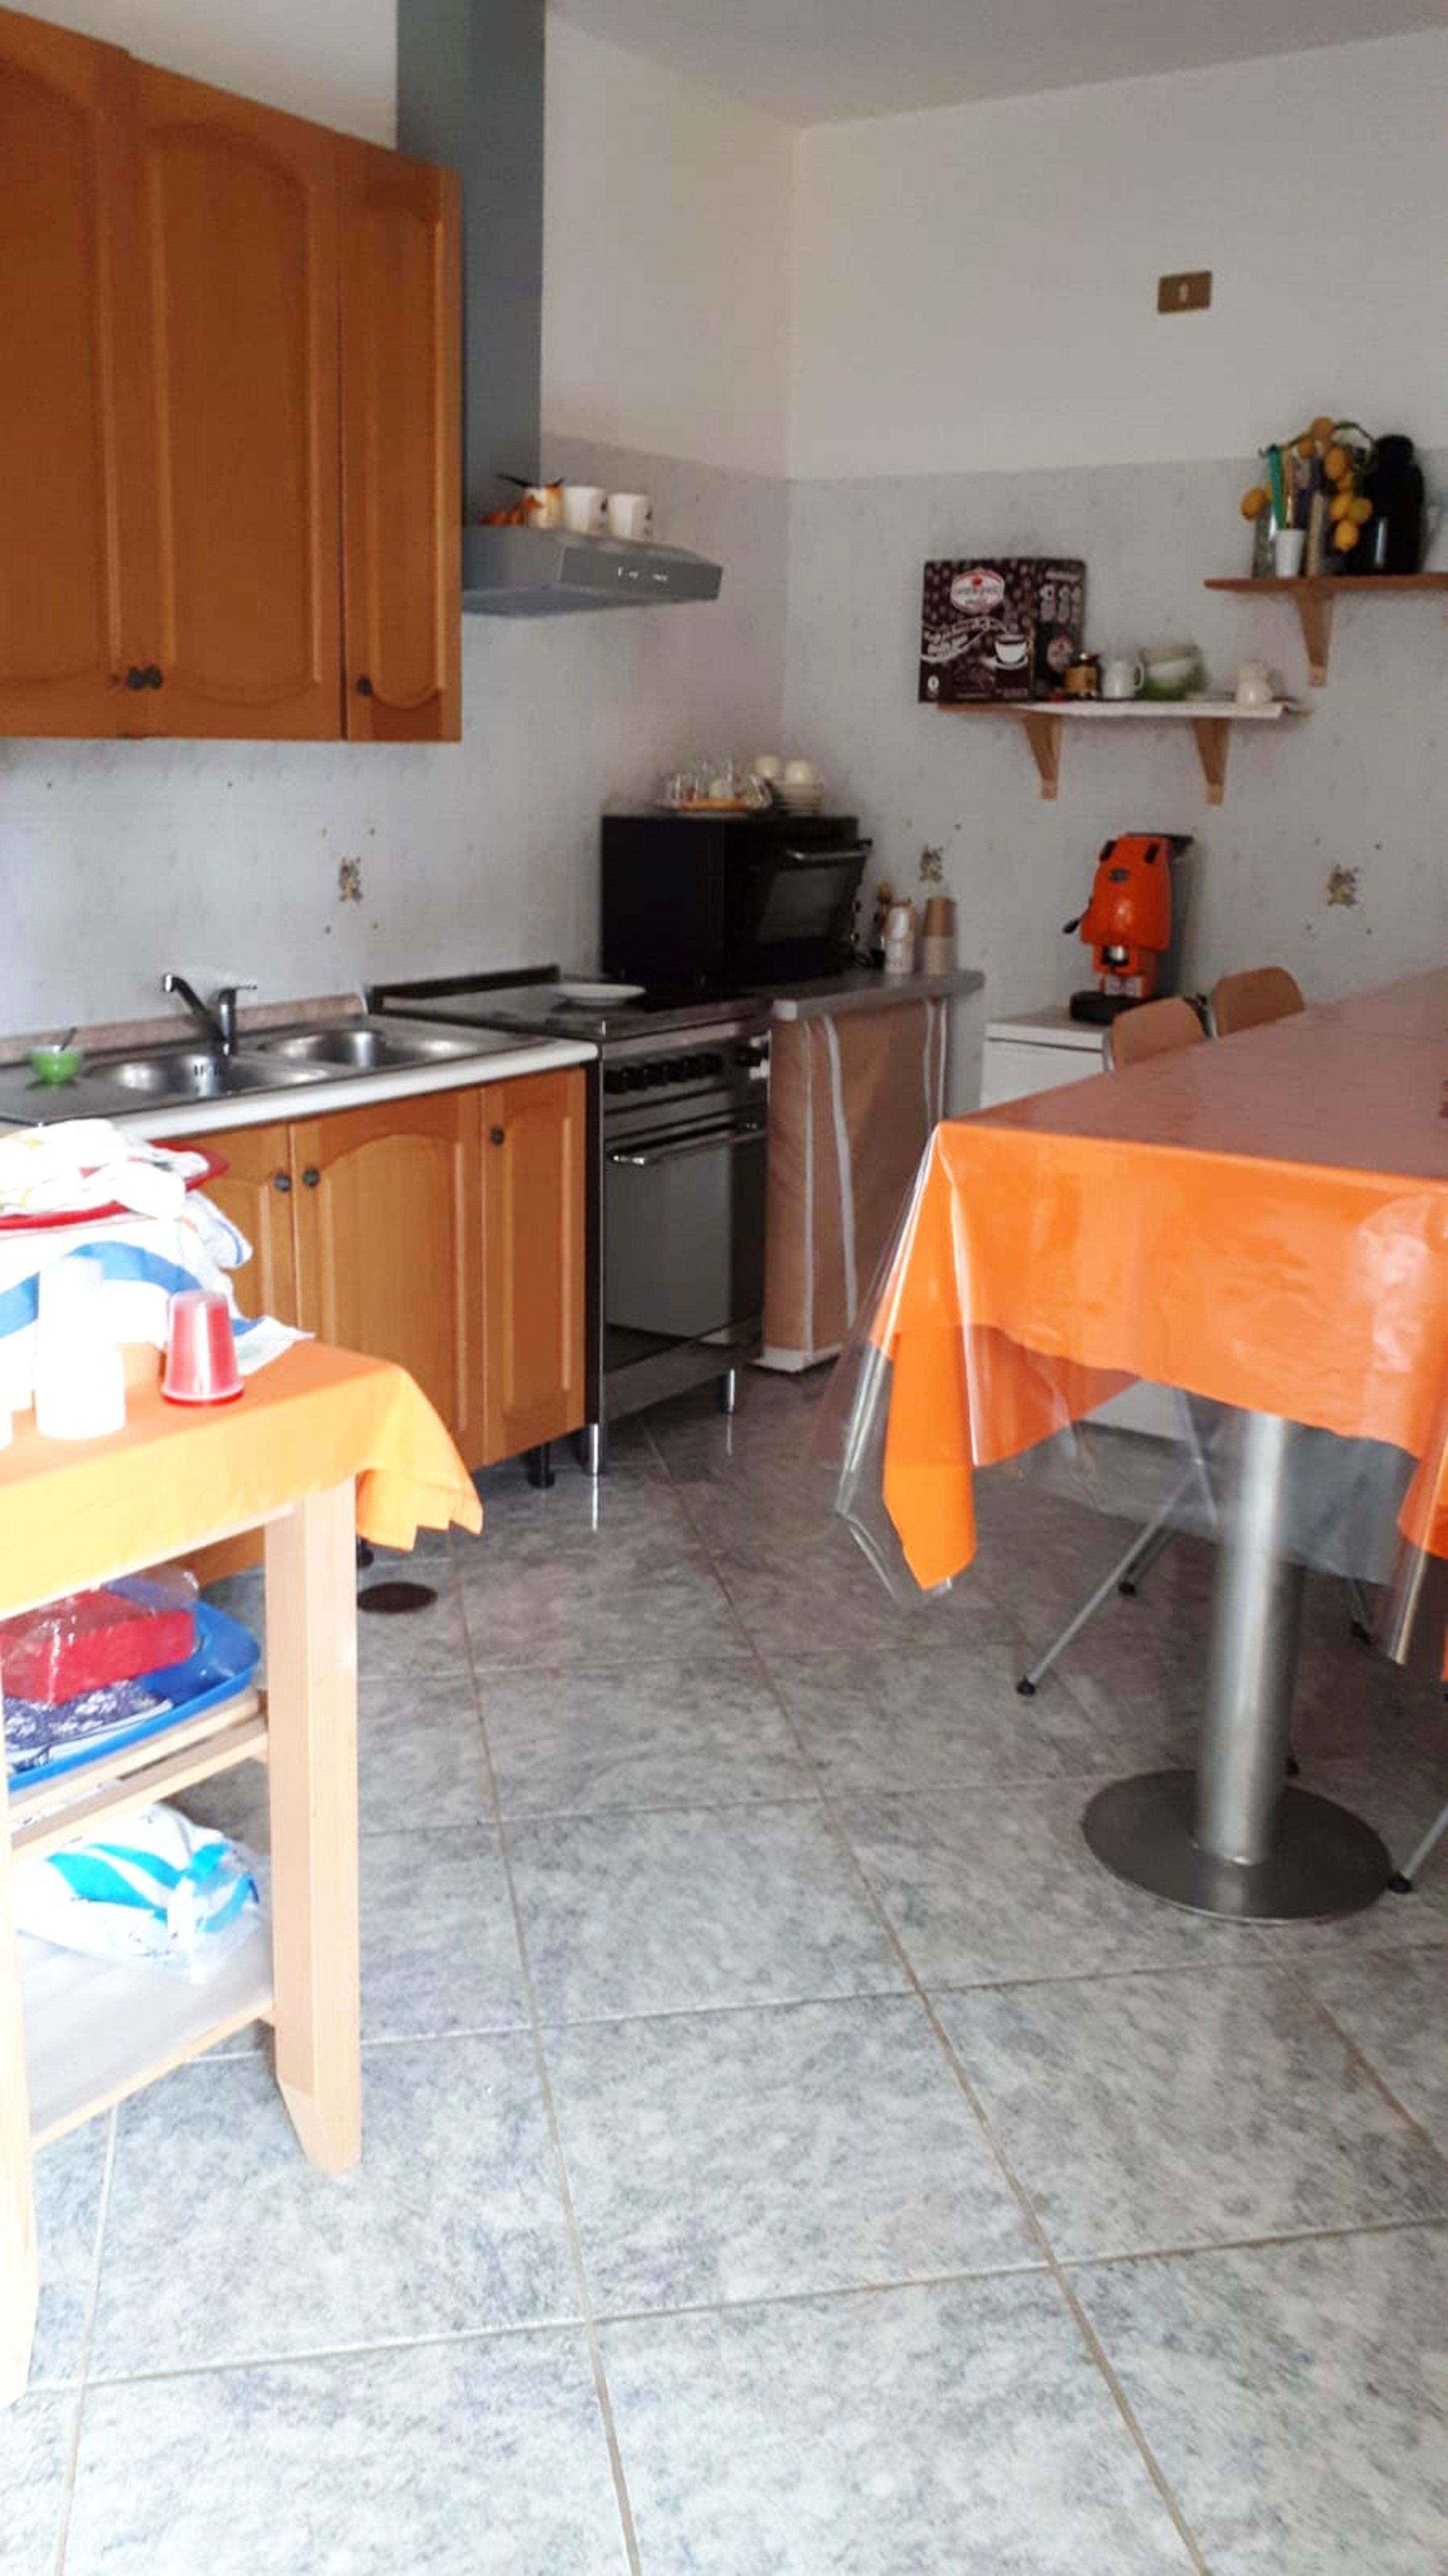 Ferienhaus Haus mit 3 Schlafzimmern in Tramonti mit toller Aussicht auf die Berge, eingezäuntem Garte (2591647), Tramonti, Salerno, Kampanien, Italien, Bild 4